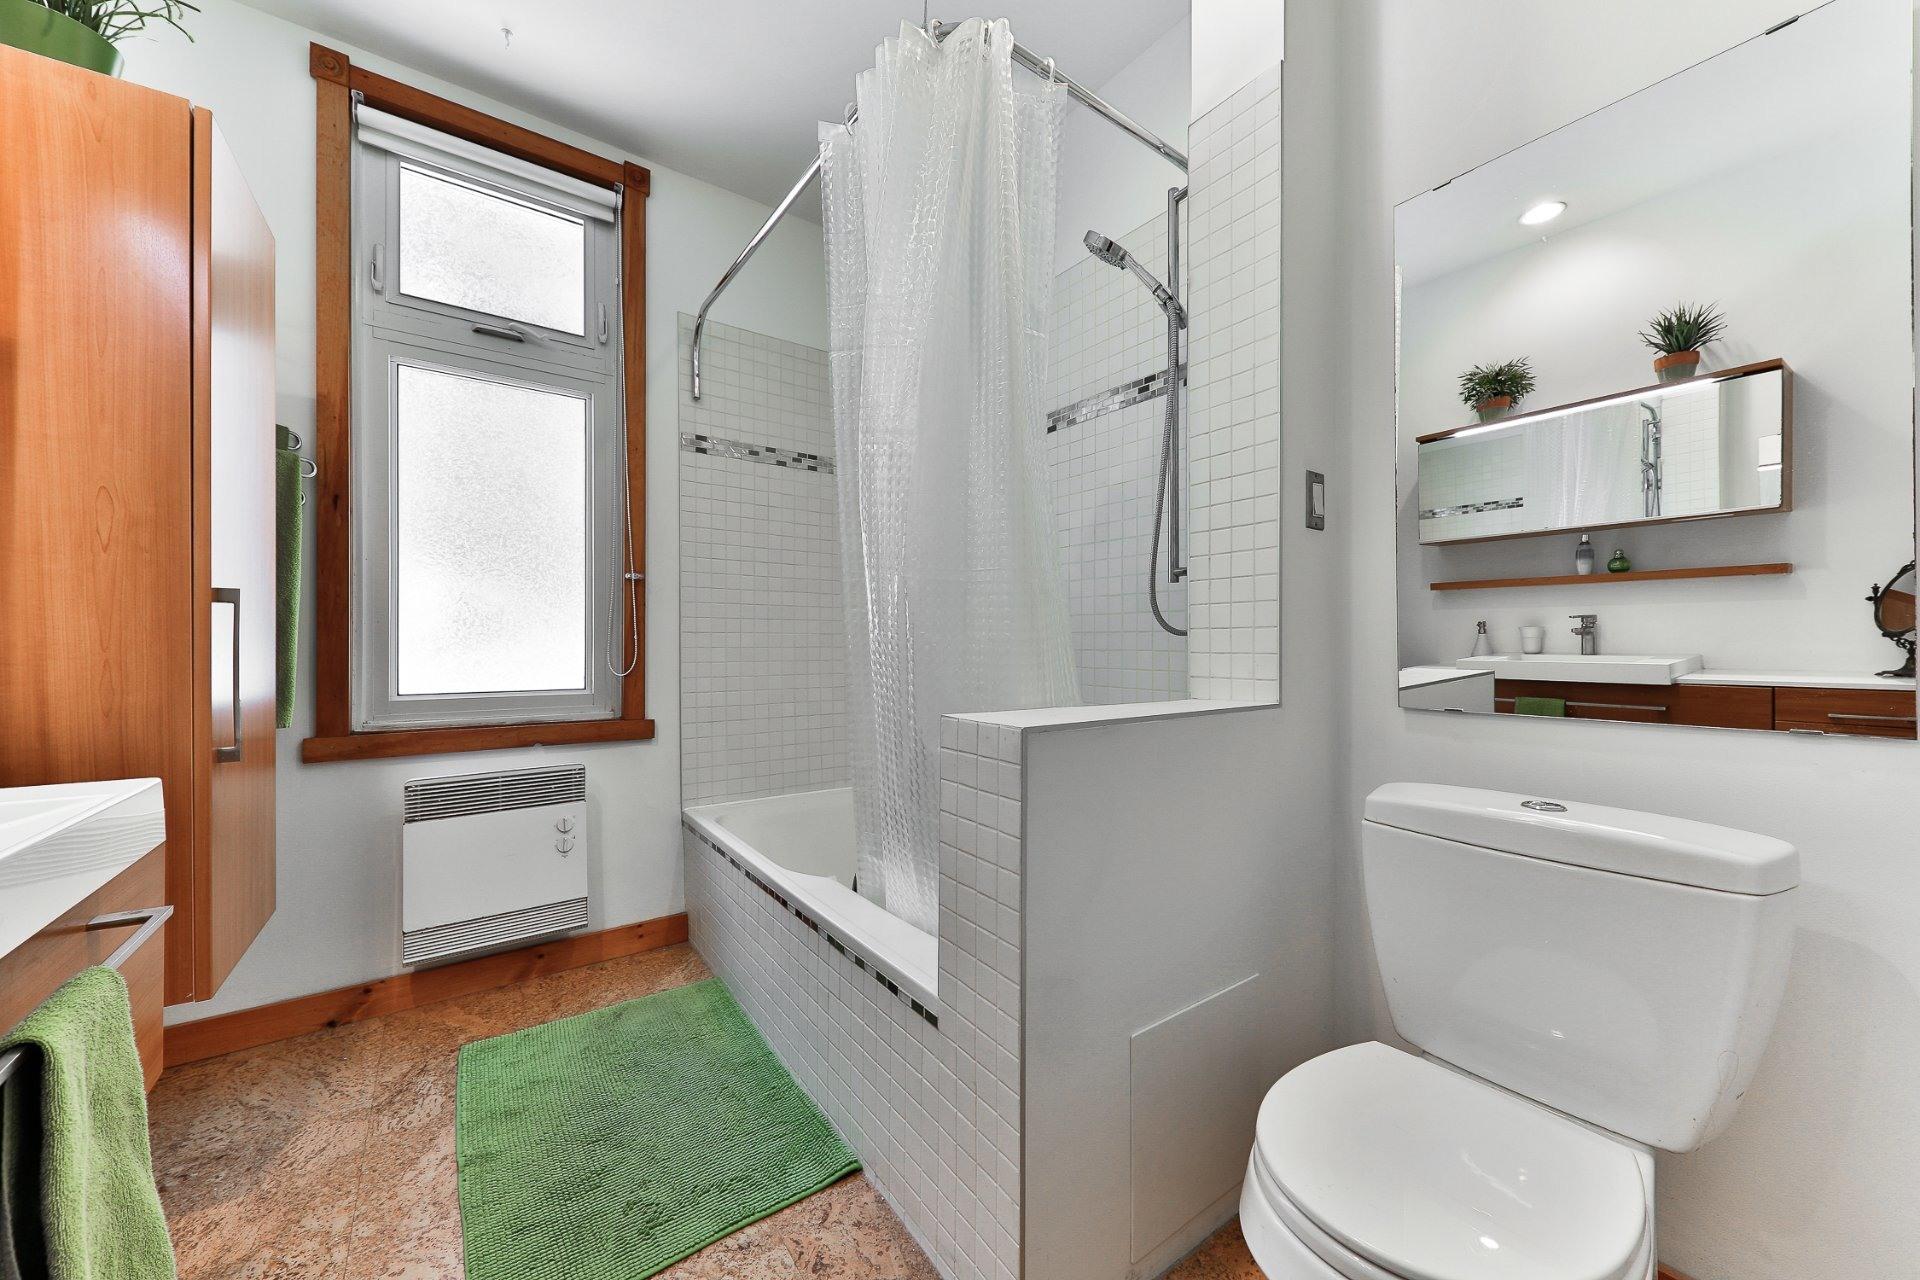 image 19 - Appartement À vendre Le Plateau-Mont-Royal Montréal  - 8 pièces